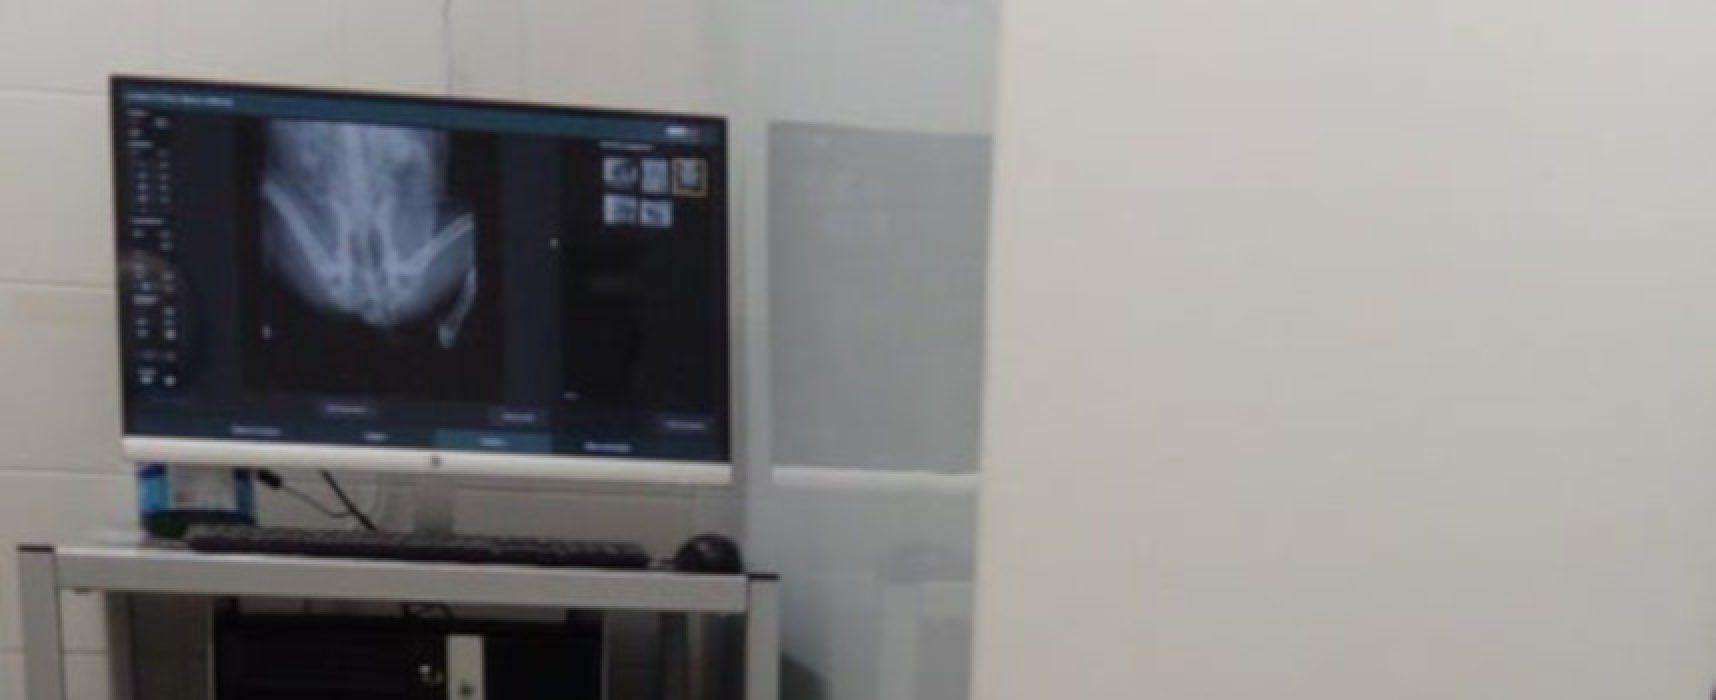 Centro Veterinario Papagni, sempre più all'avanguardia col servizio di radiologia digitale